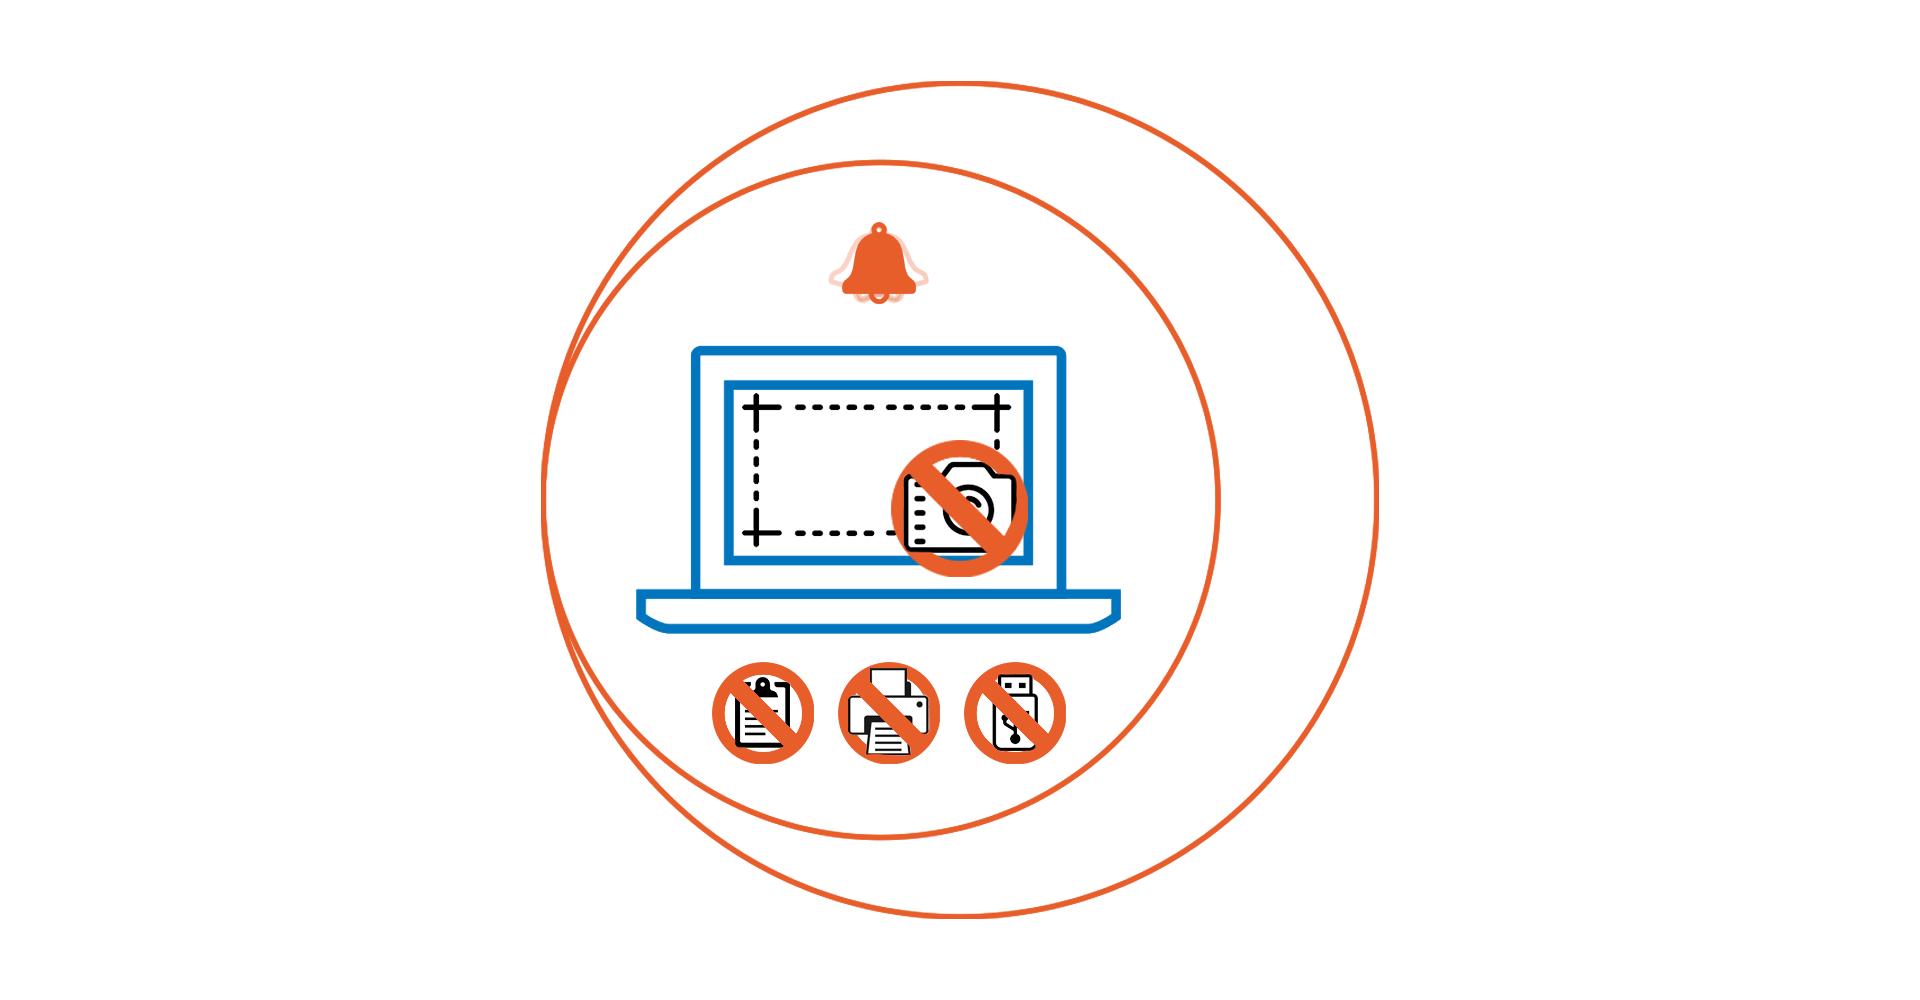 Cloud Safe - Device control